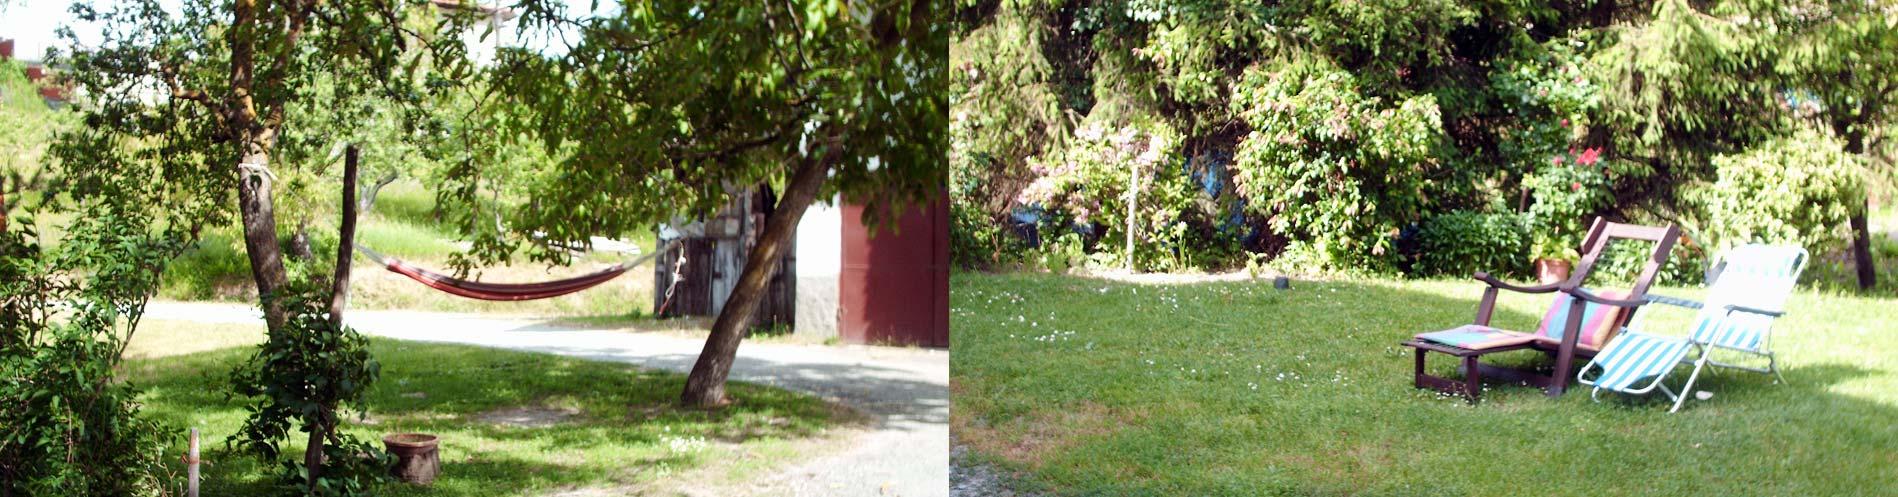 Relax-in-giardino